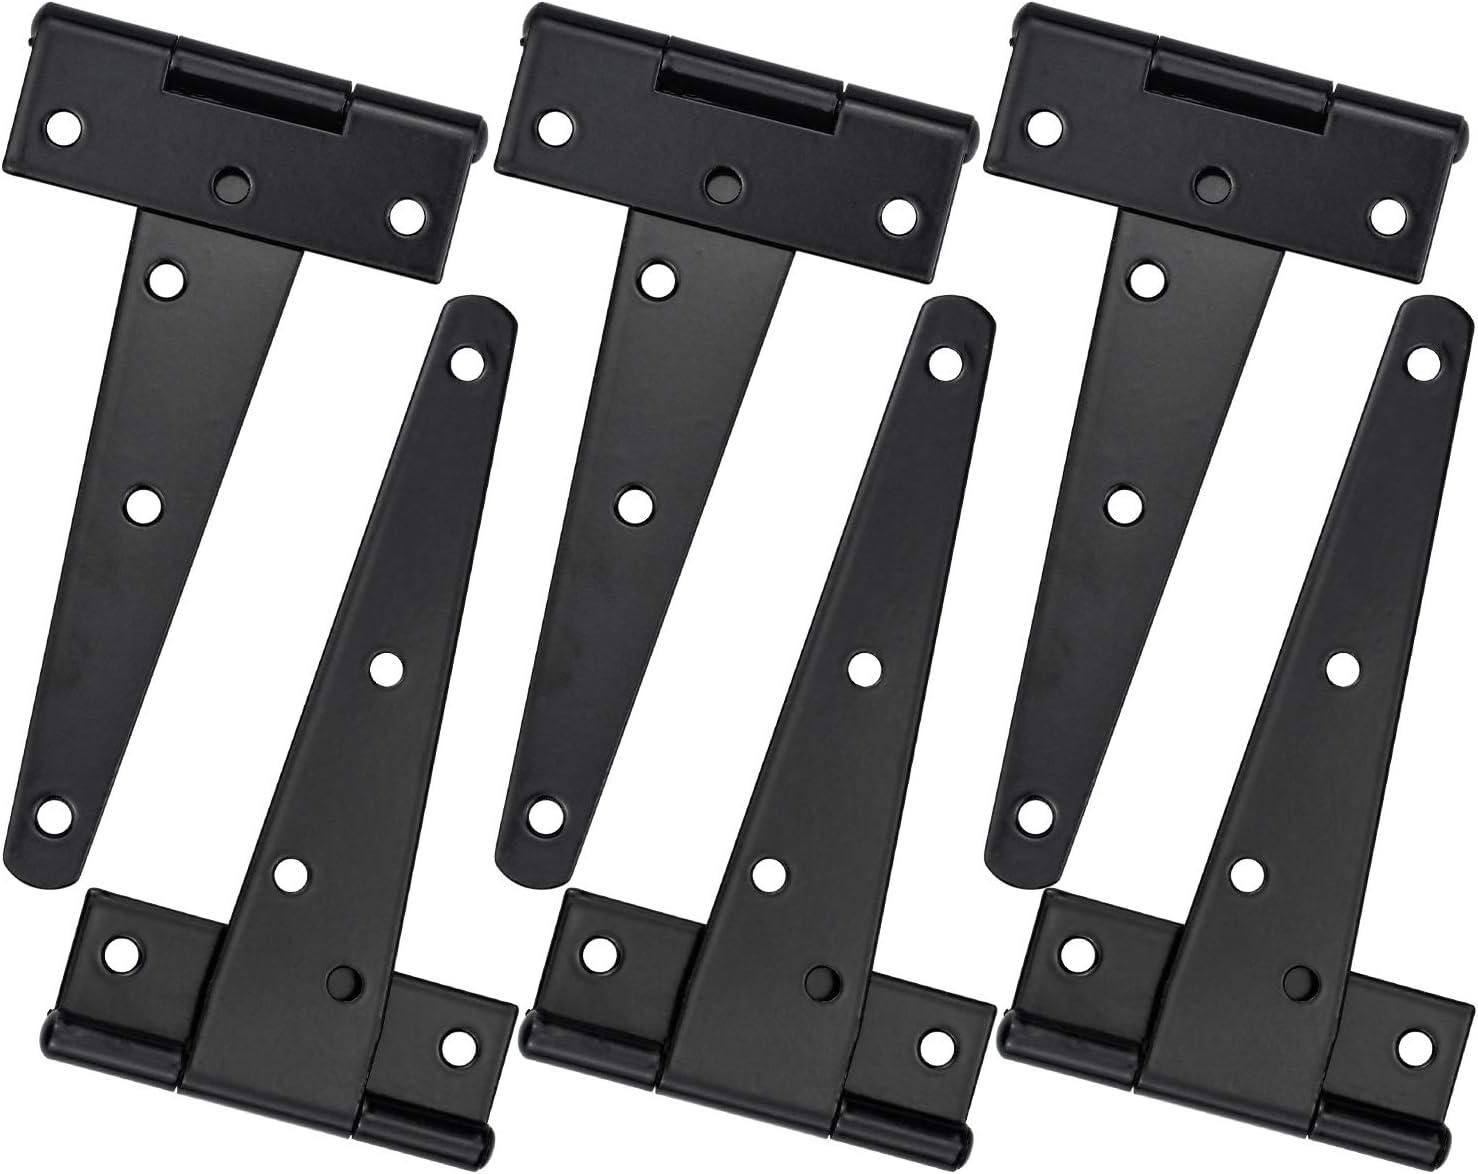 KARAA 6 piezas Bisagras en T 5 pulgadas negro Galvanizado para puerta de granero de hierro forjado